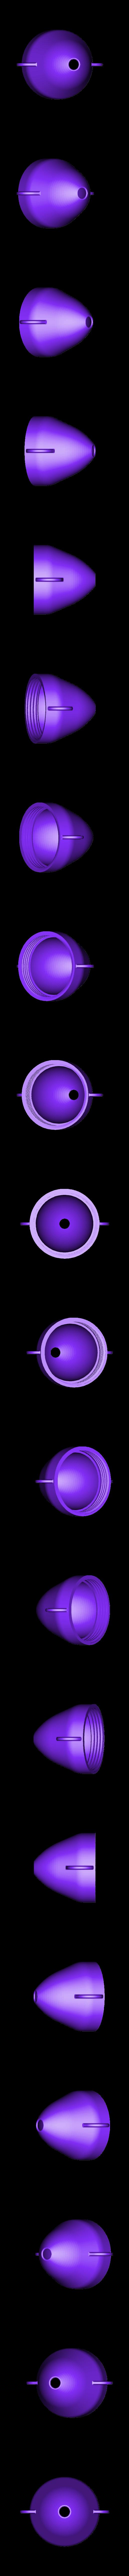 EasterEggMold_Top.stl Télécharger fichier STL gratuit Moisissure de glace aux oeufs de Pâques • Design pour impression 3D, ernestwallon3D